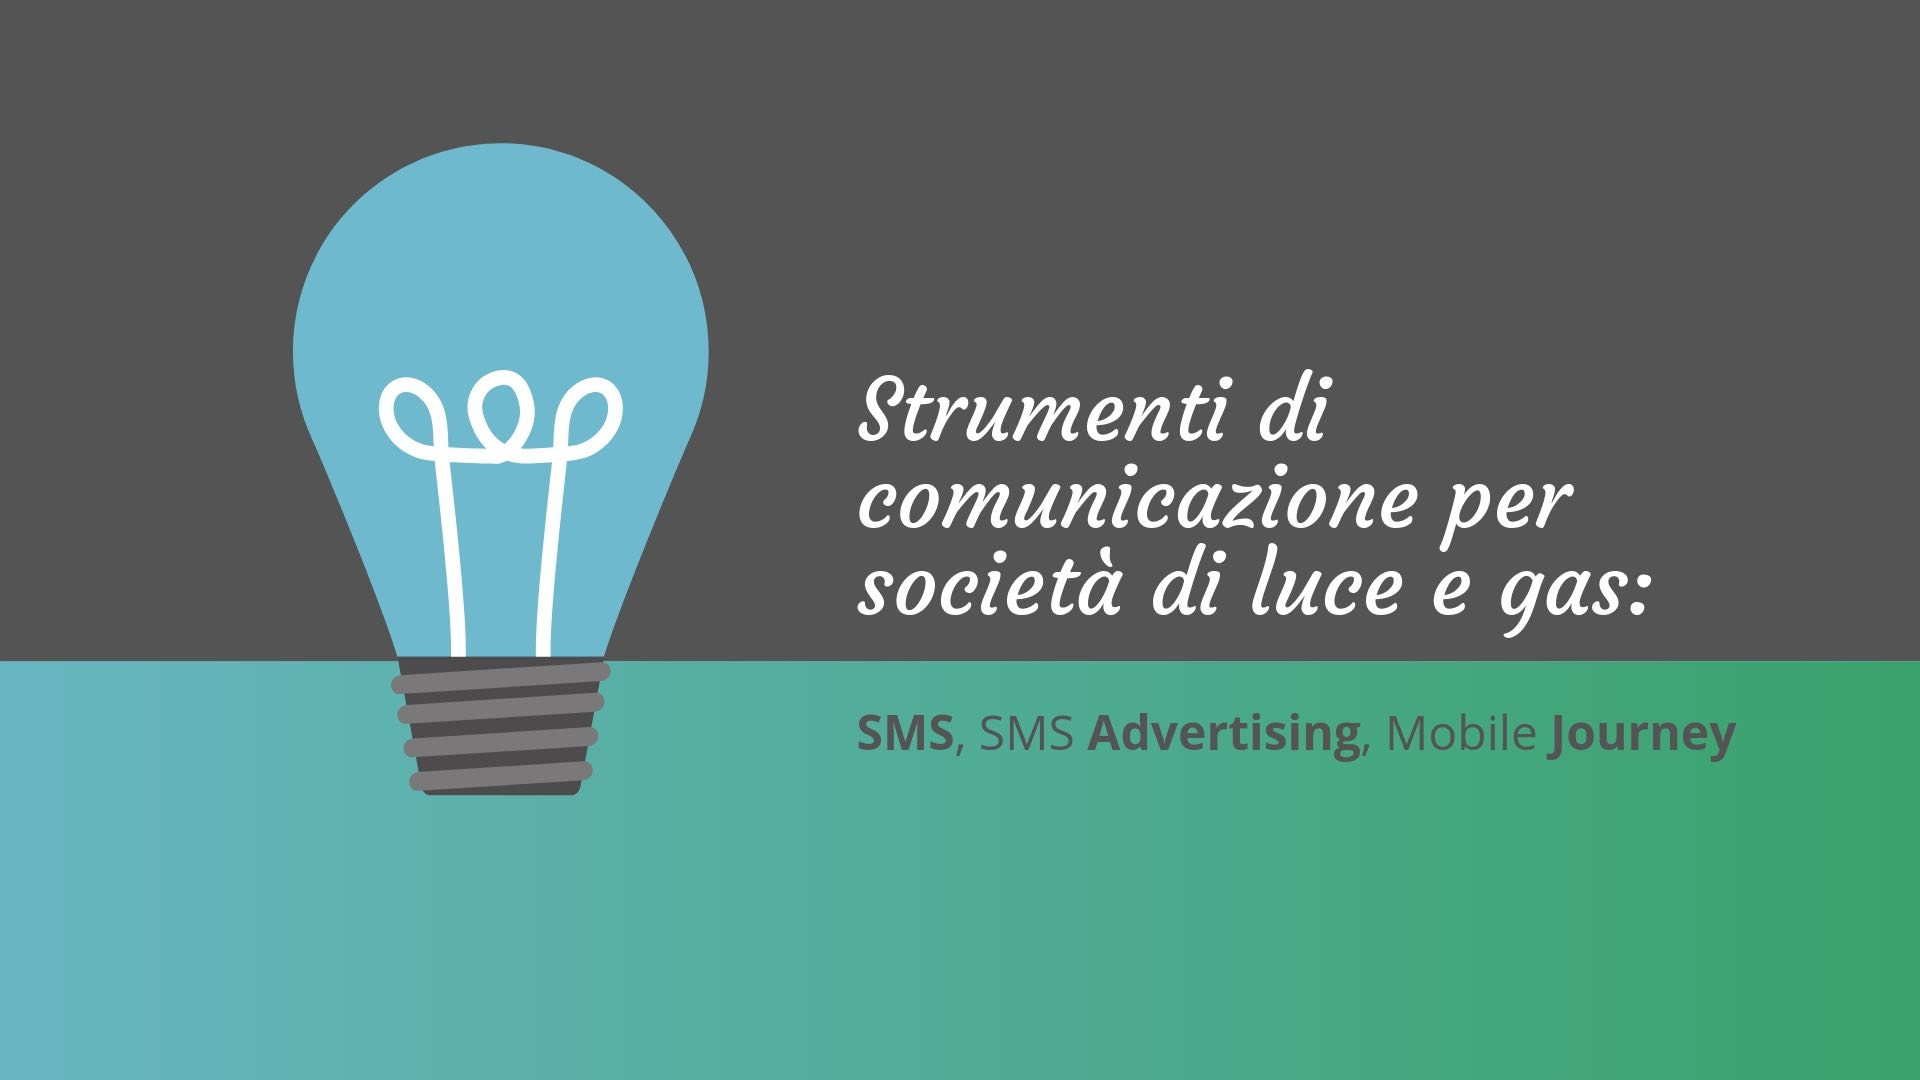 SMS per società di gas e luce - SMS per le utenze